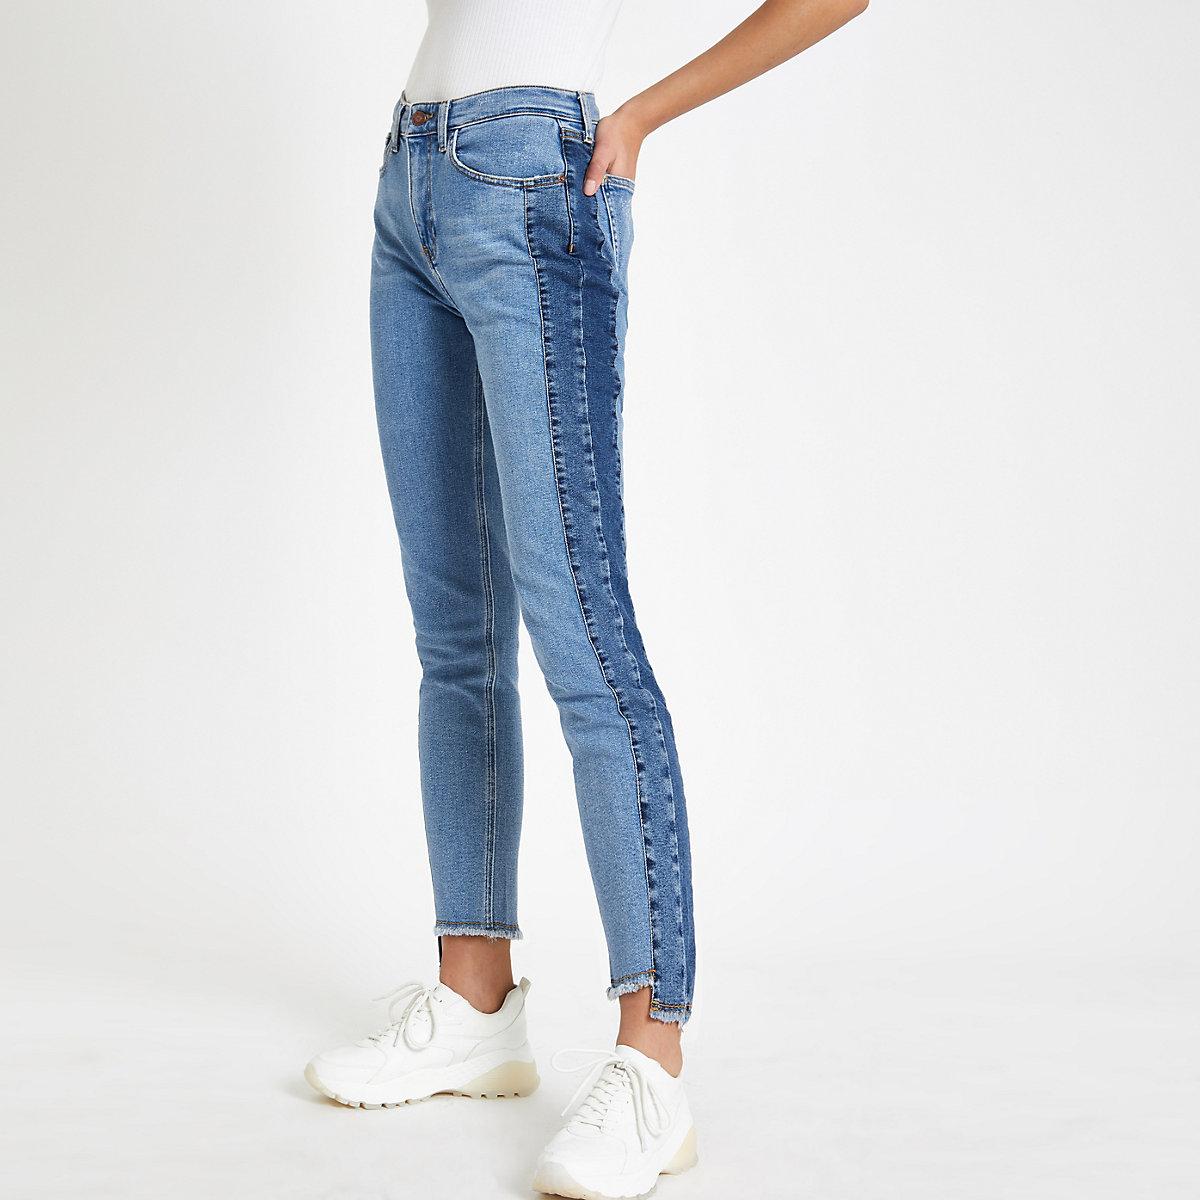 Casey - Blauwe slim-fit jeans met donker zijpaneel